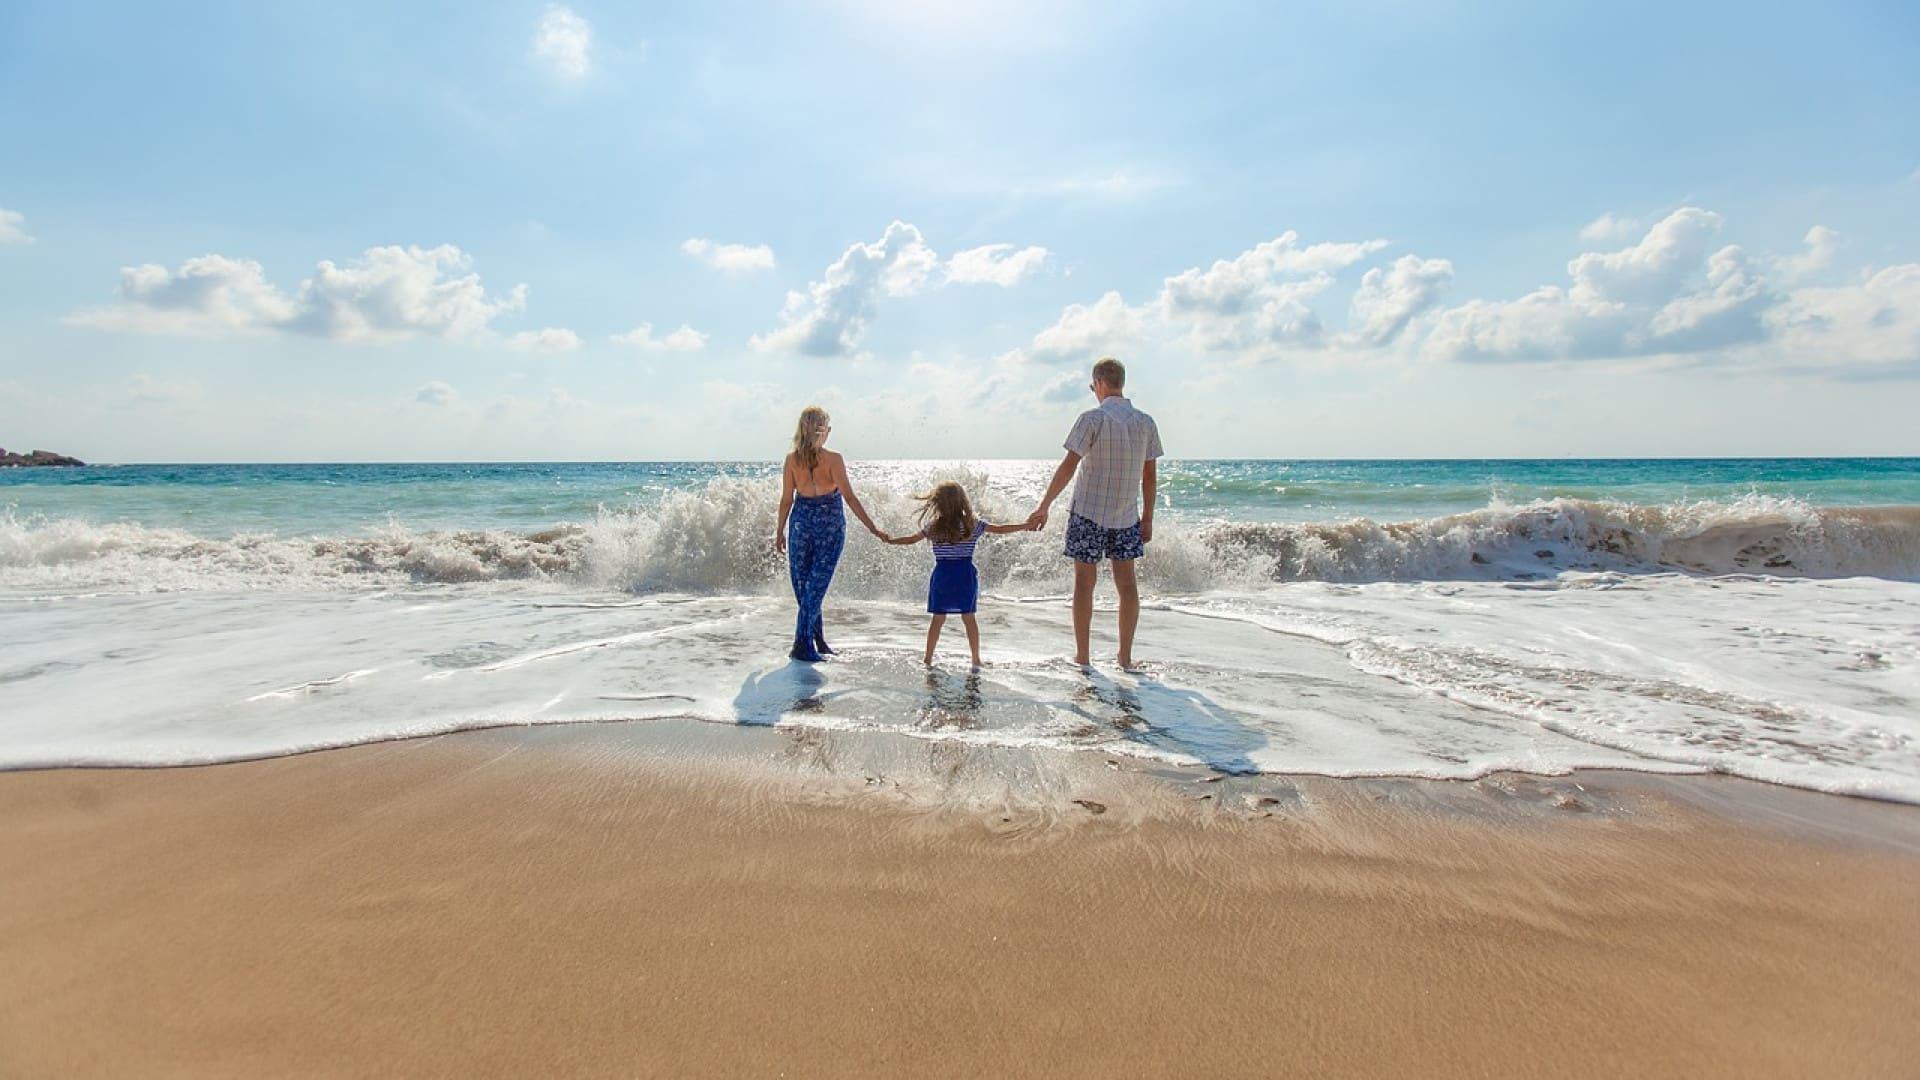 Quelle mutuelle de santé pour les familles?